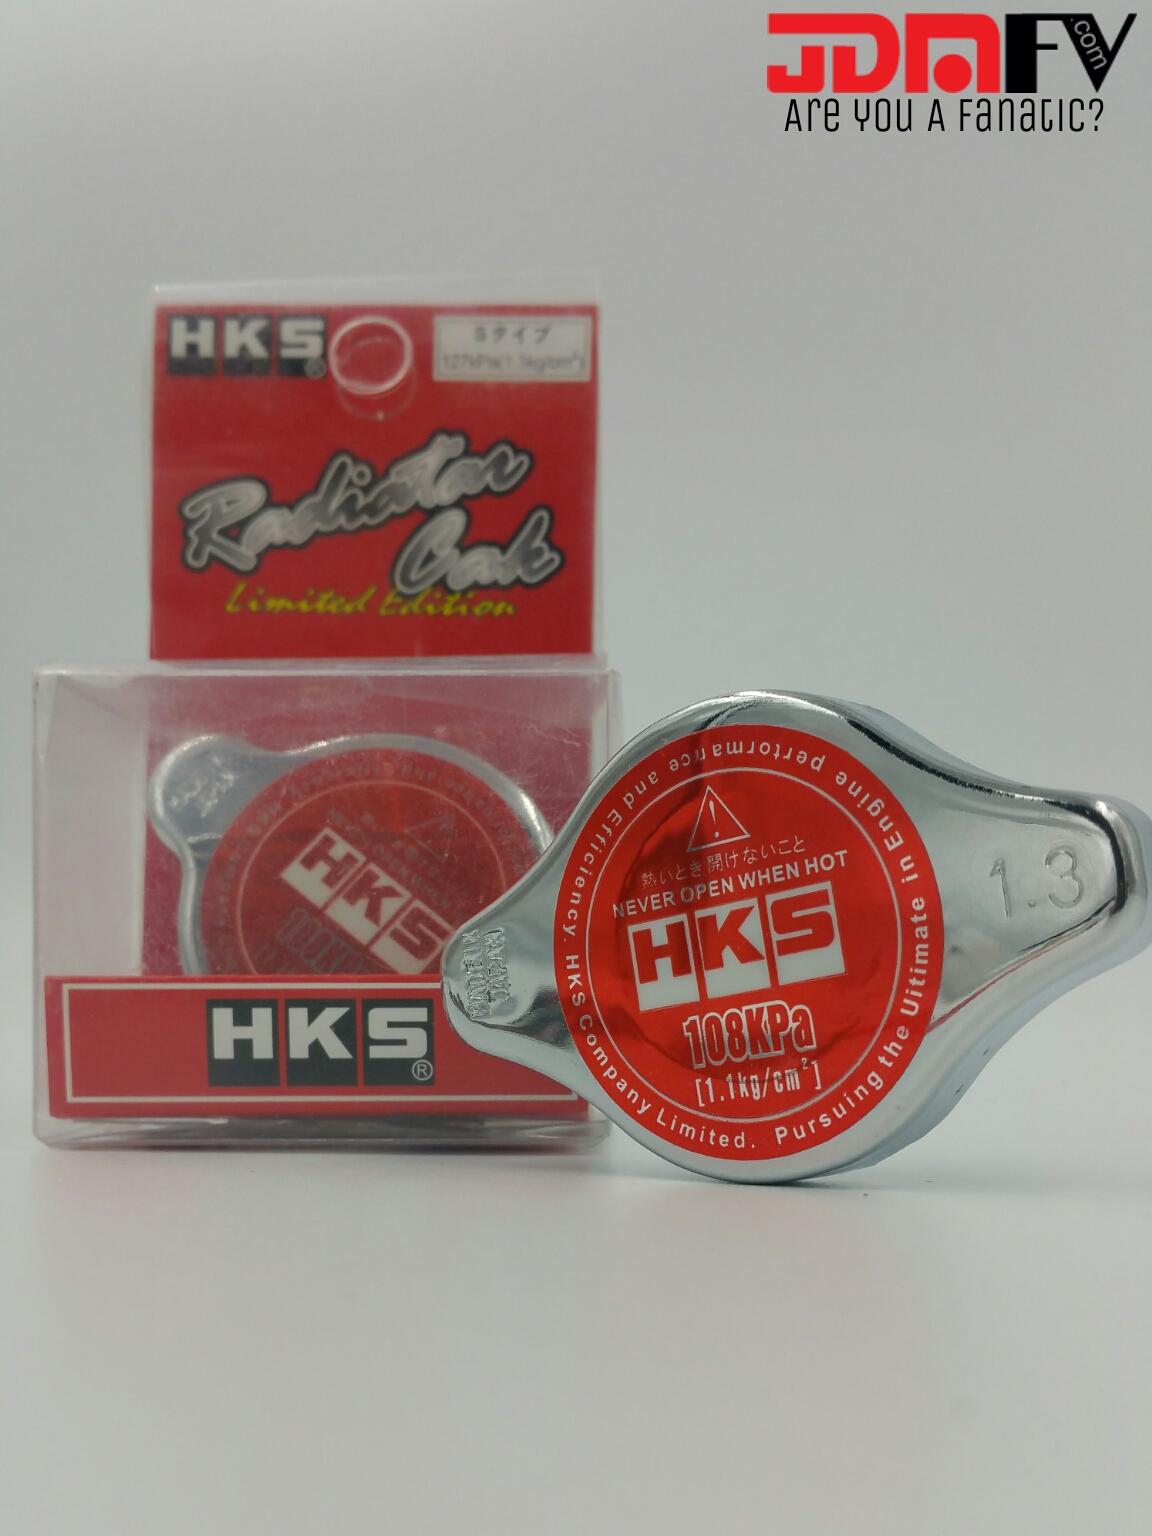 hks-radiator-cap-jdmfv.jpg